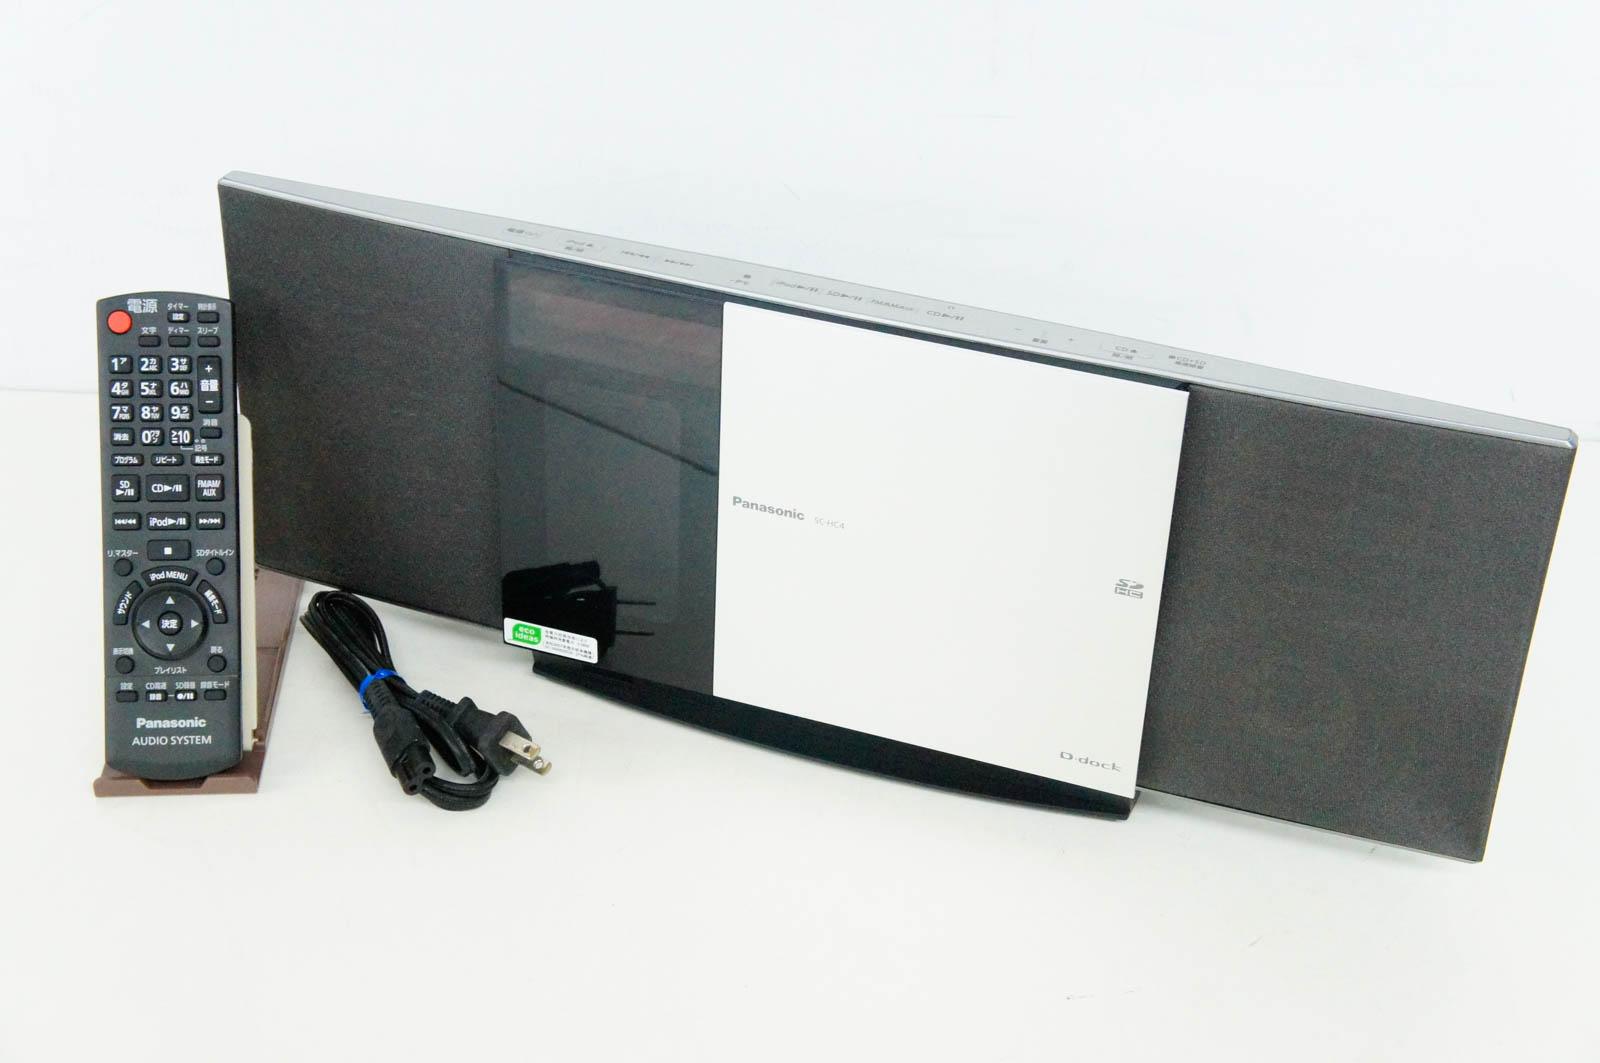 【中古】Panasonicパナソニック コンパクトステレオシステム D-dock SC-HC4 オーディオ